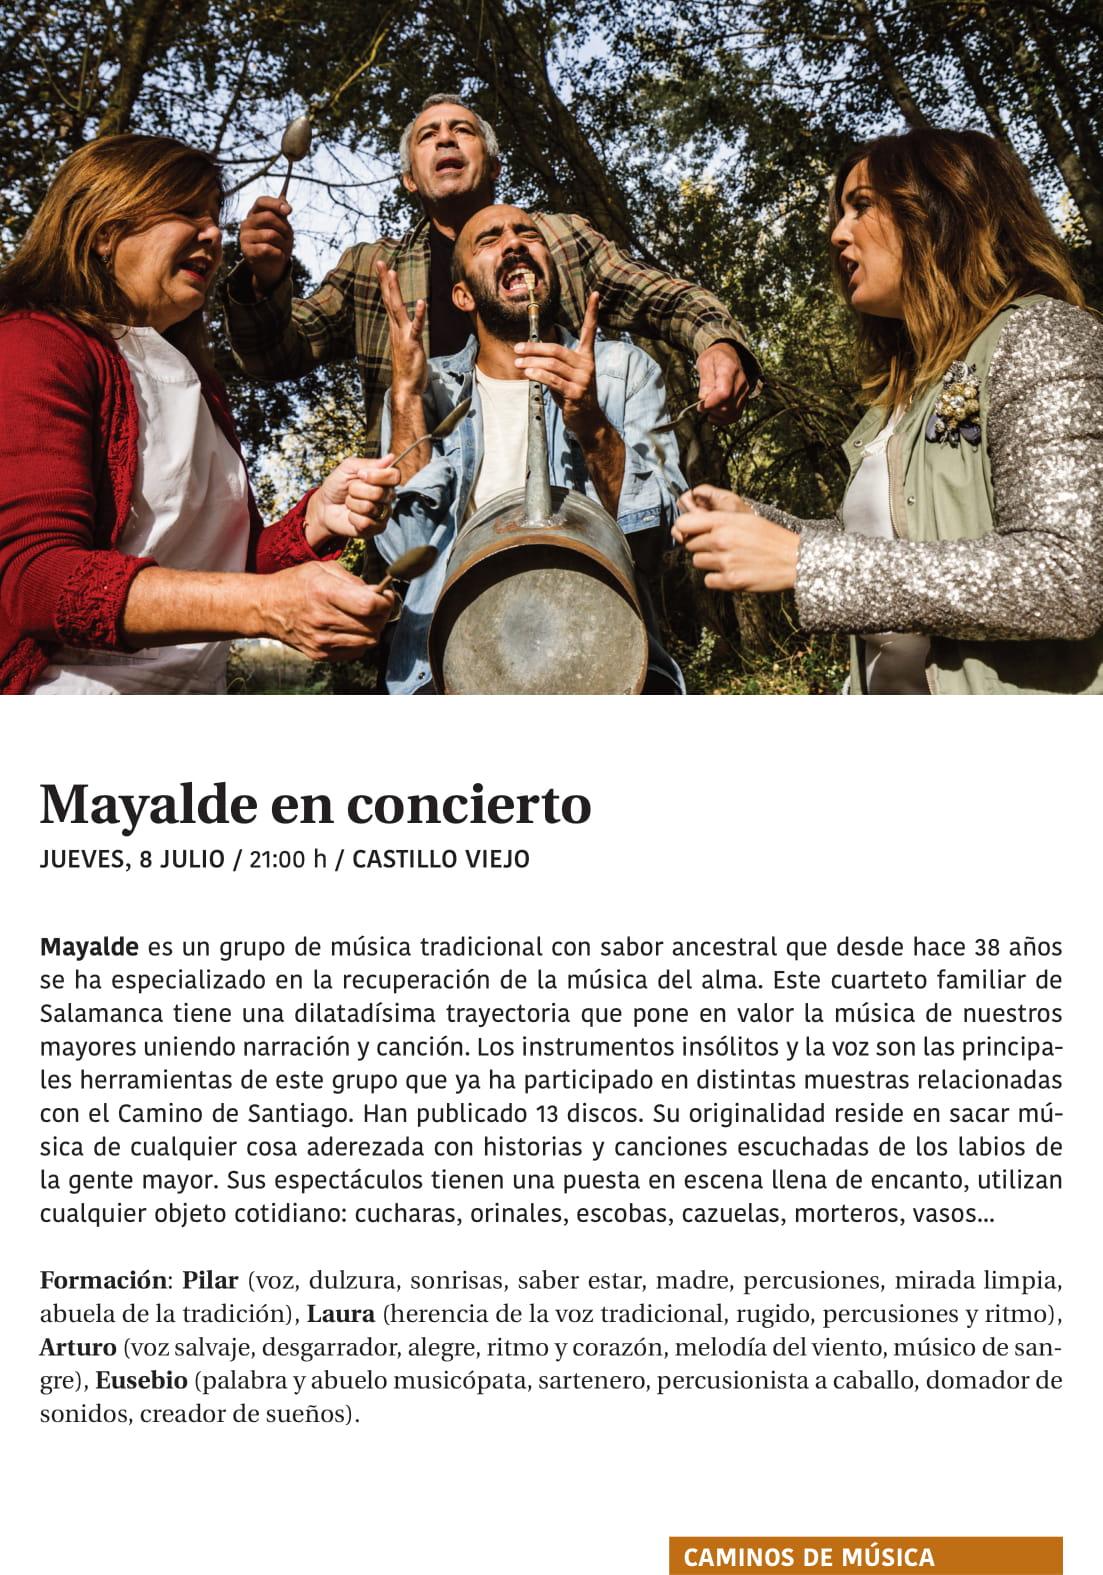 Ponferrada será... música, cultura, monumentos, turismo y más durante el verano de 2021 16